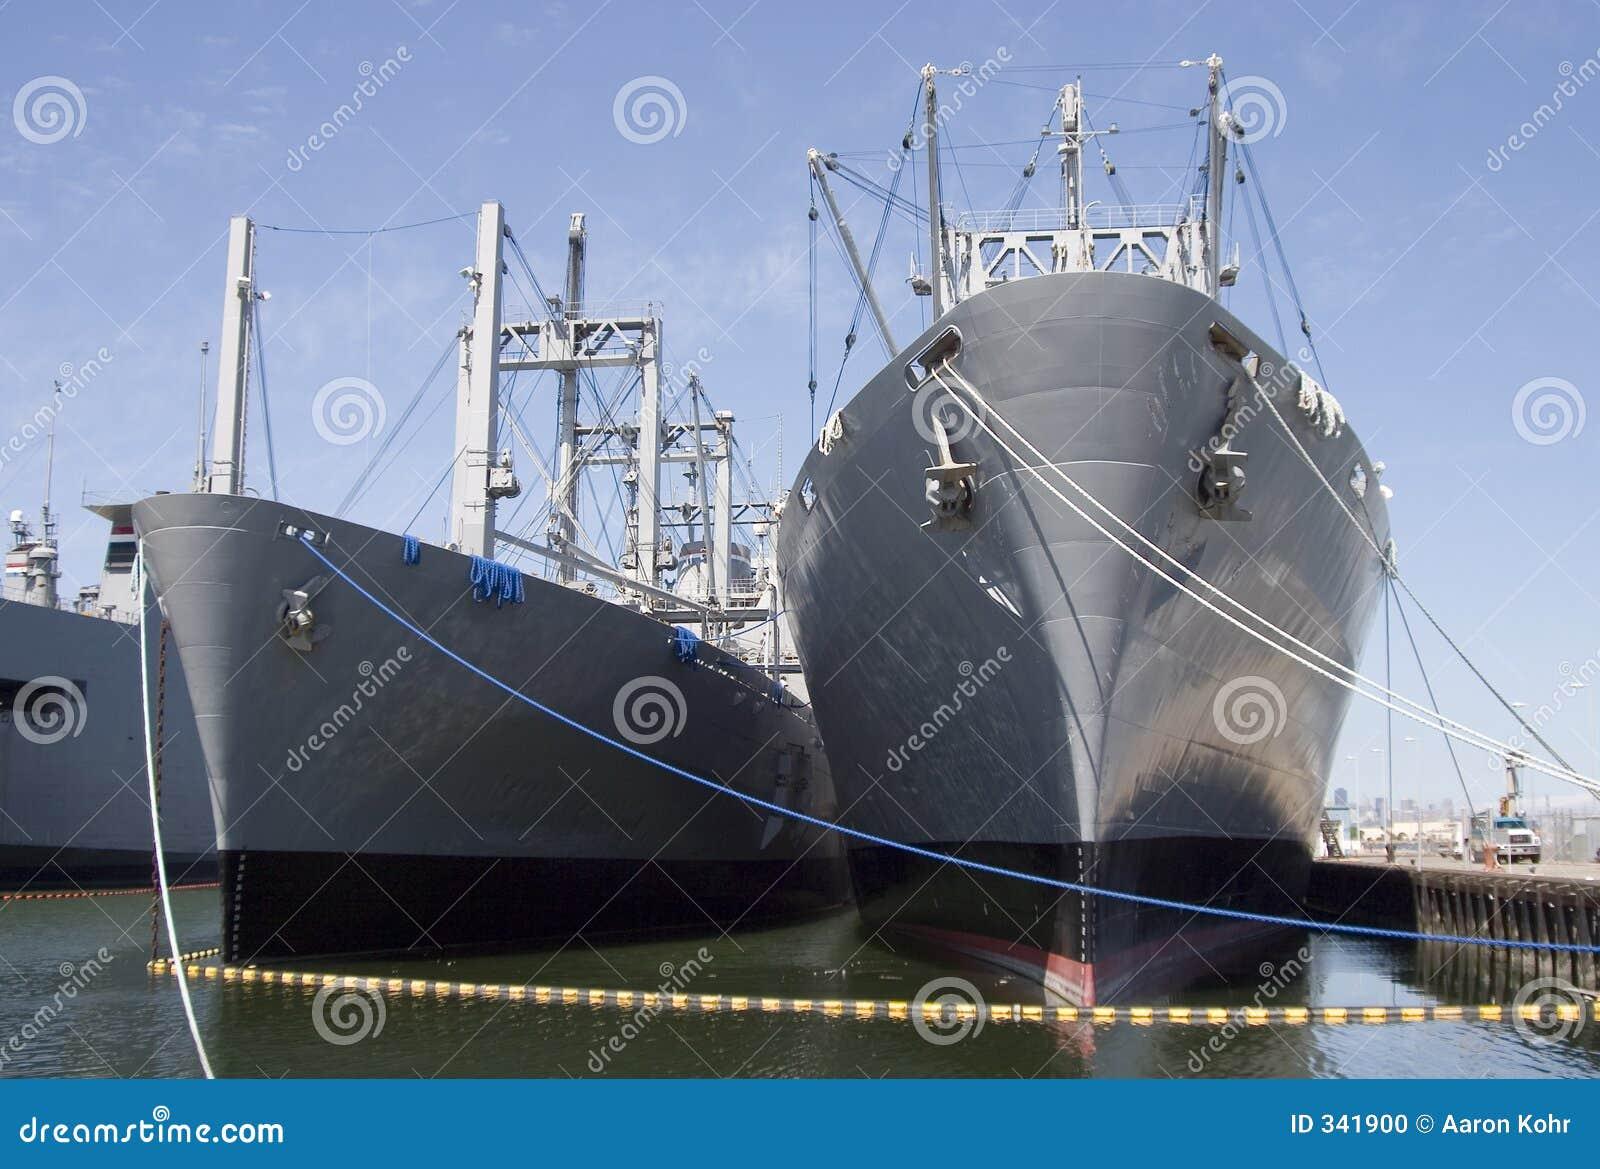 Cargo Ships 3